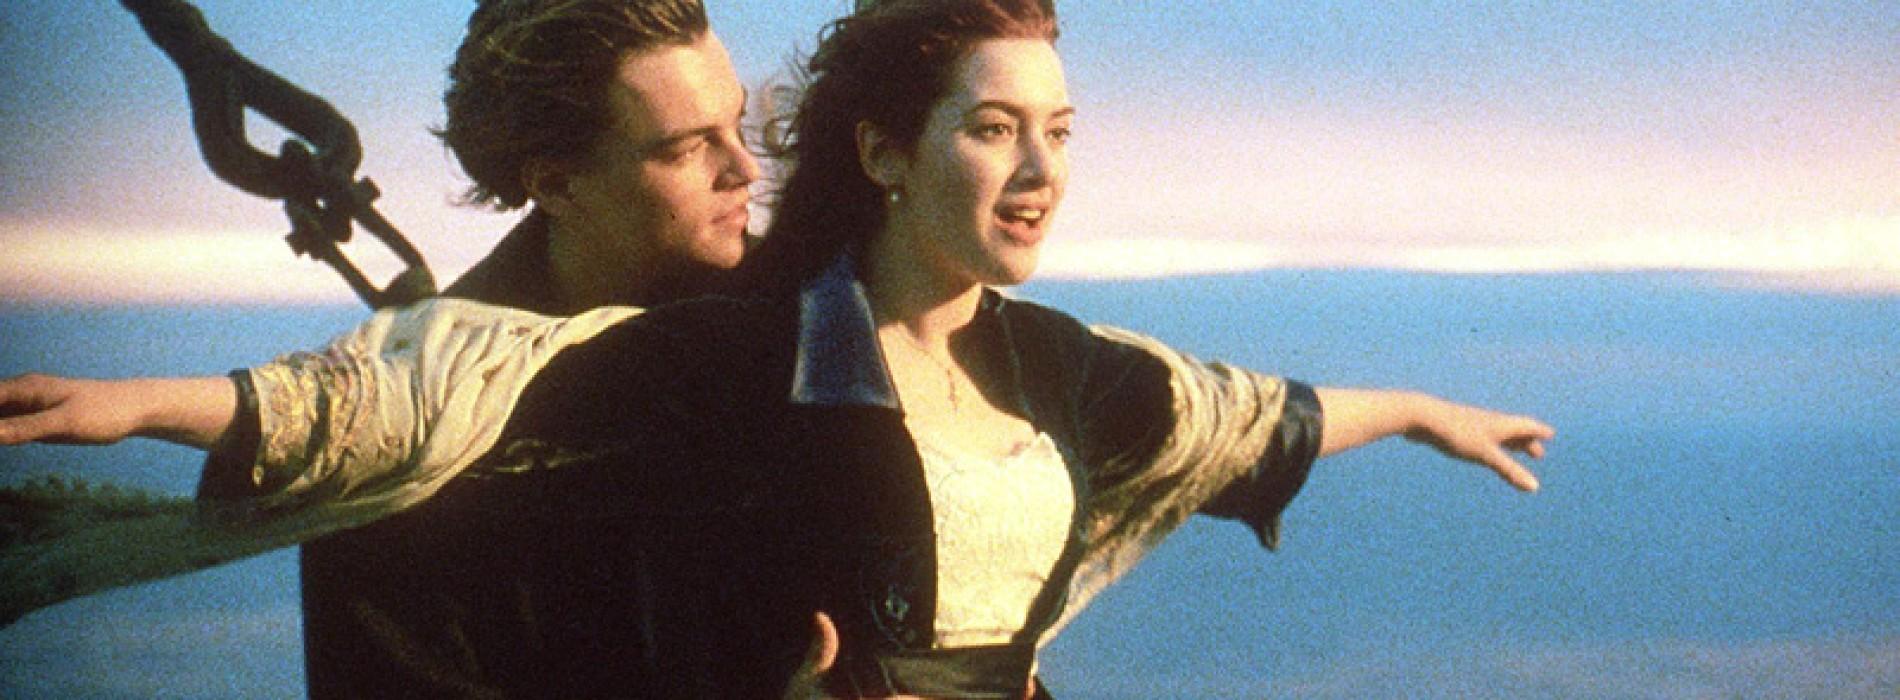 Išrinkome geriausią 90-ųjų filmą!